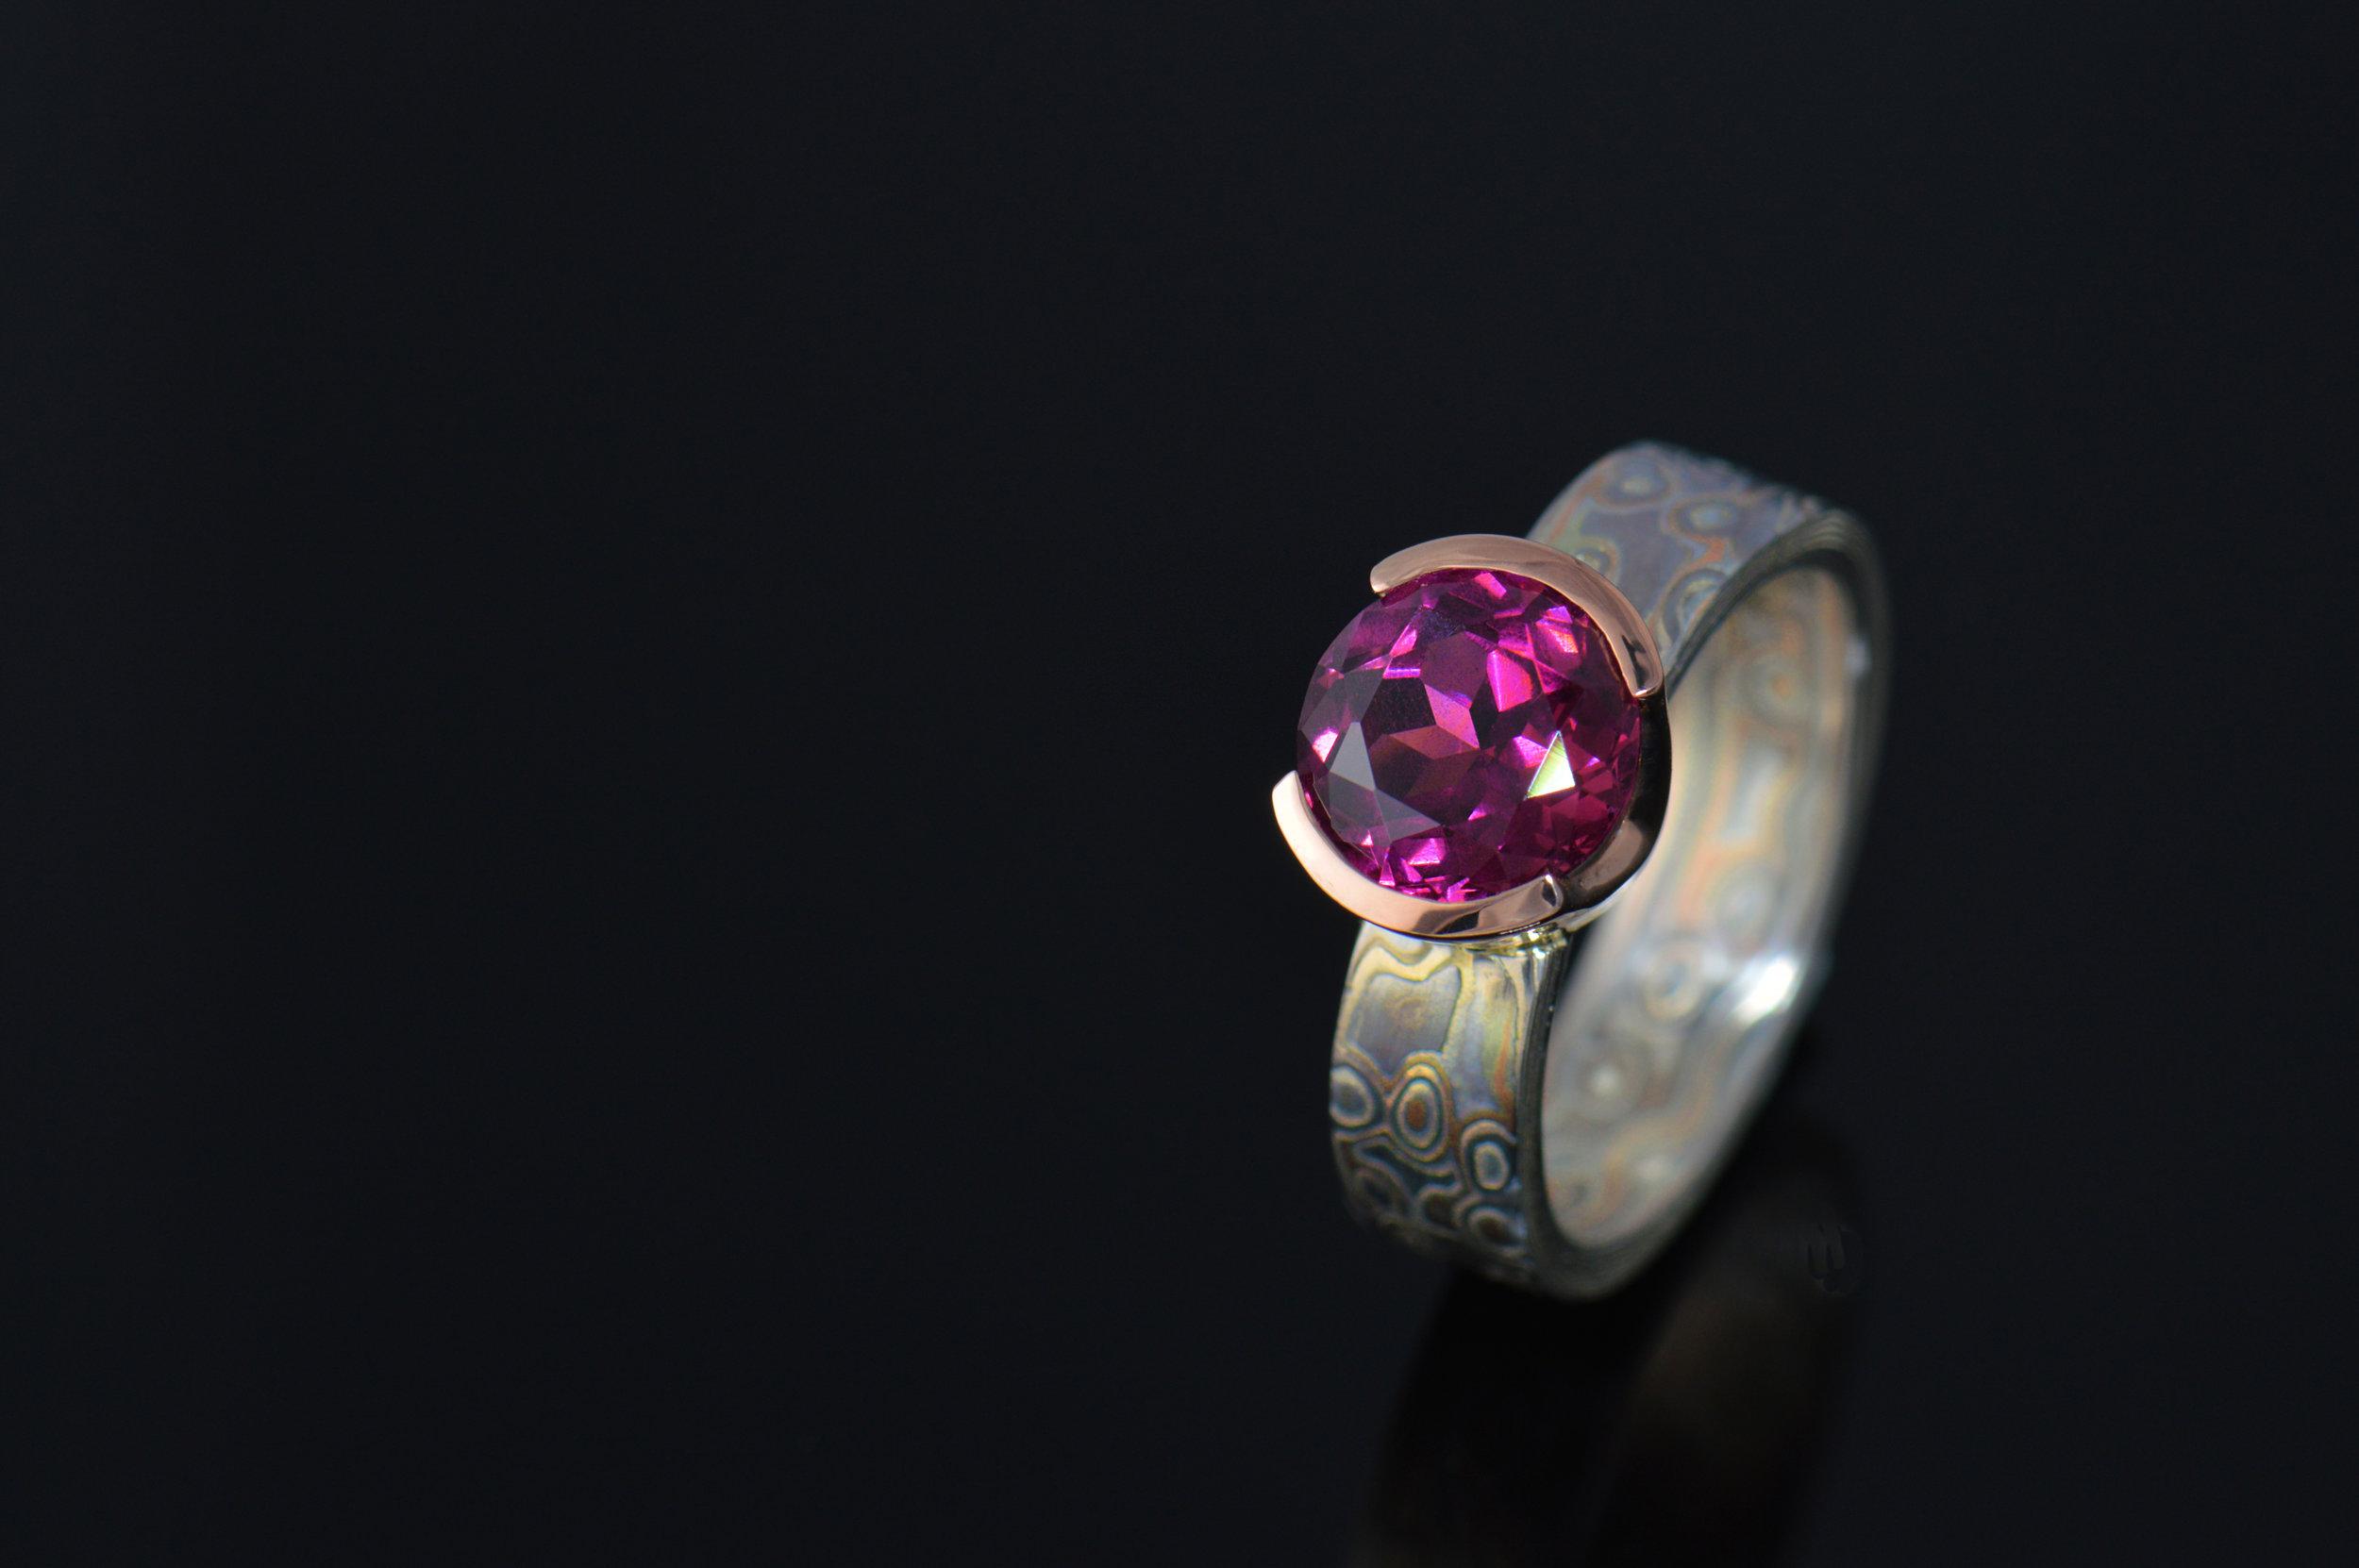 darvier-garnet-rose-gold-palladium-random-pattern-juicy-ring.jpg